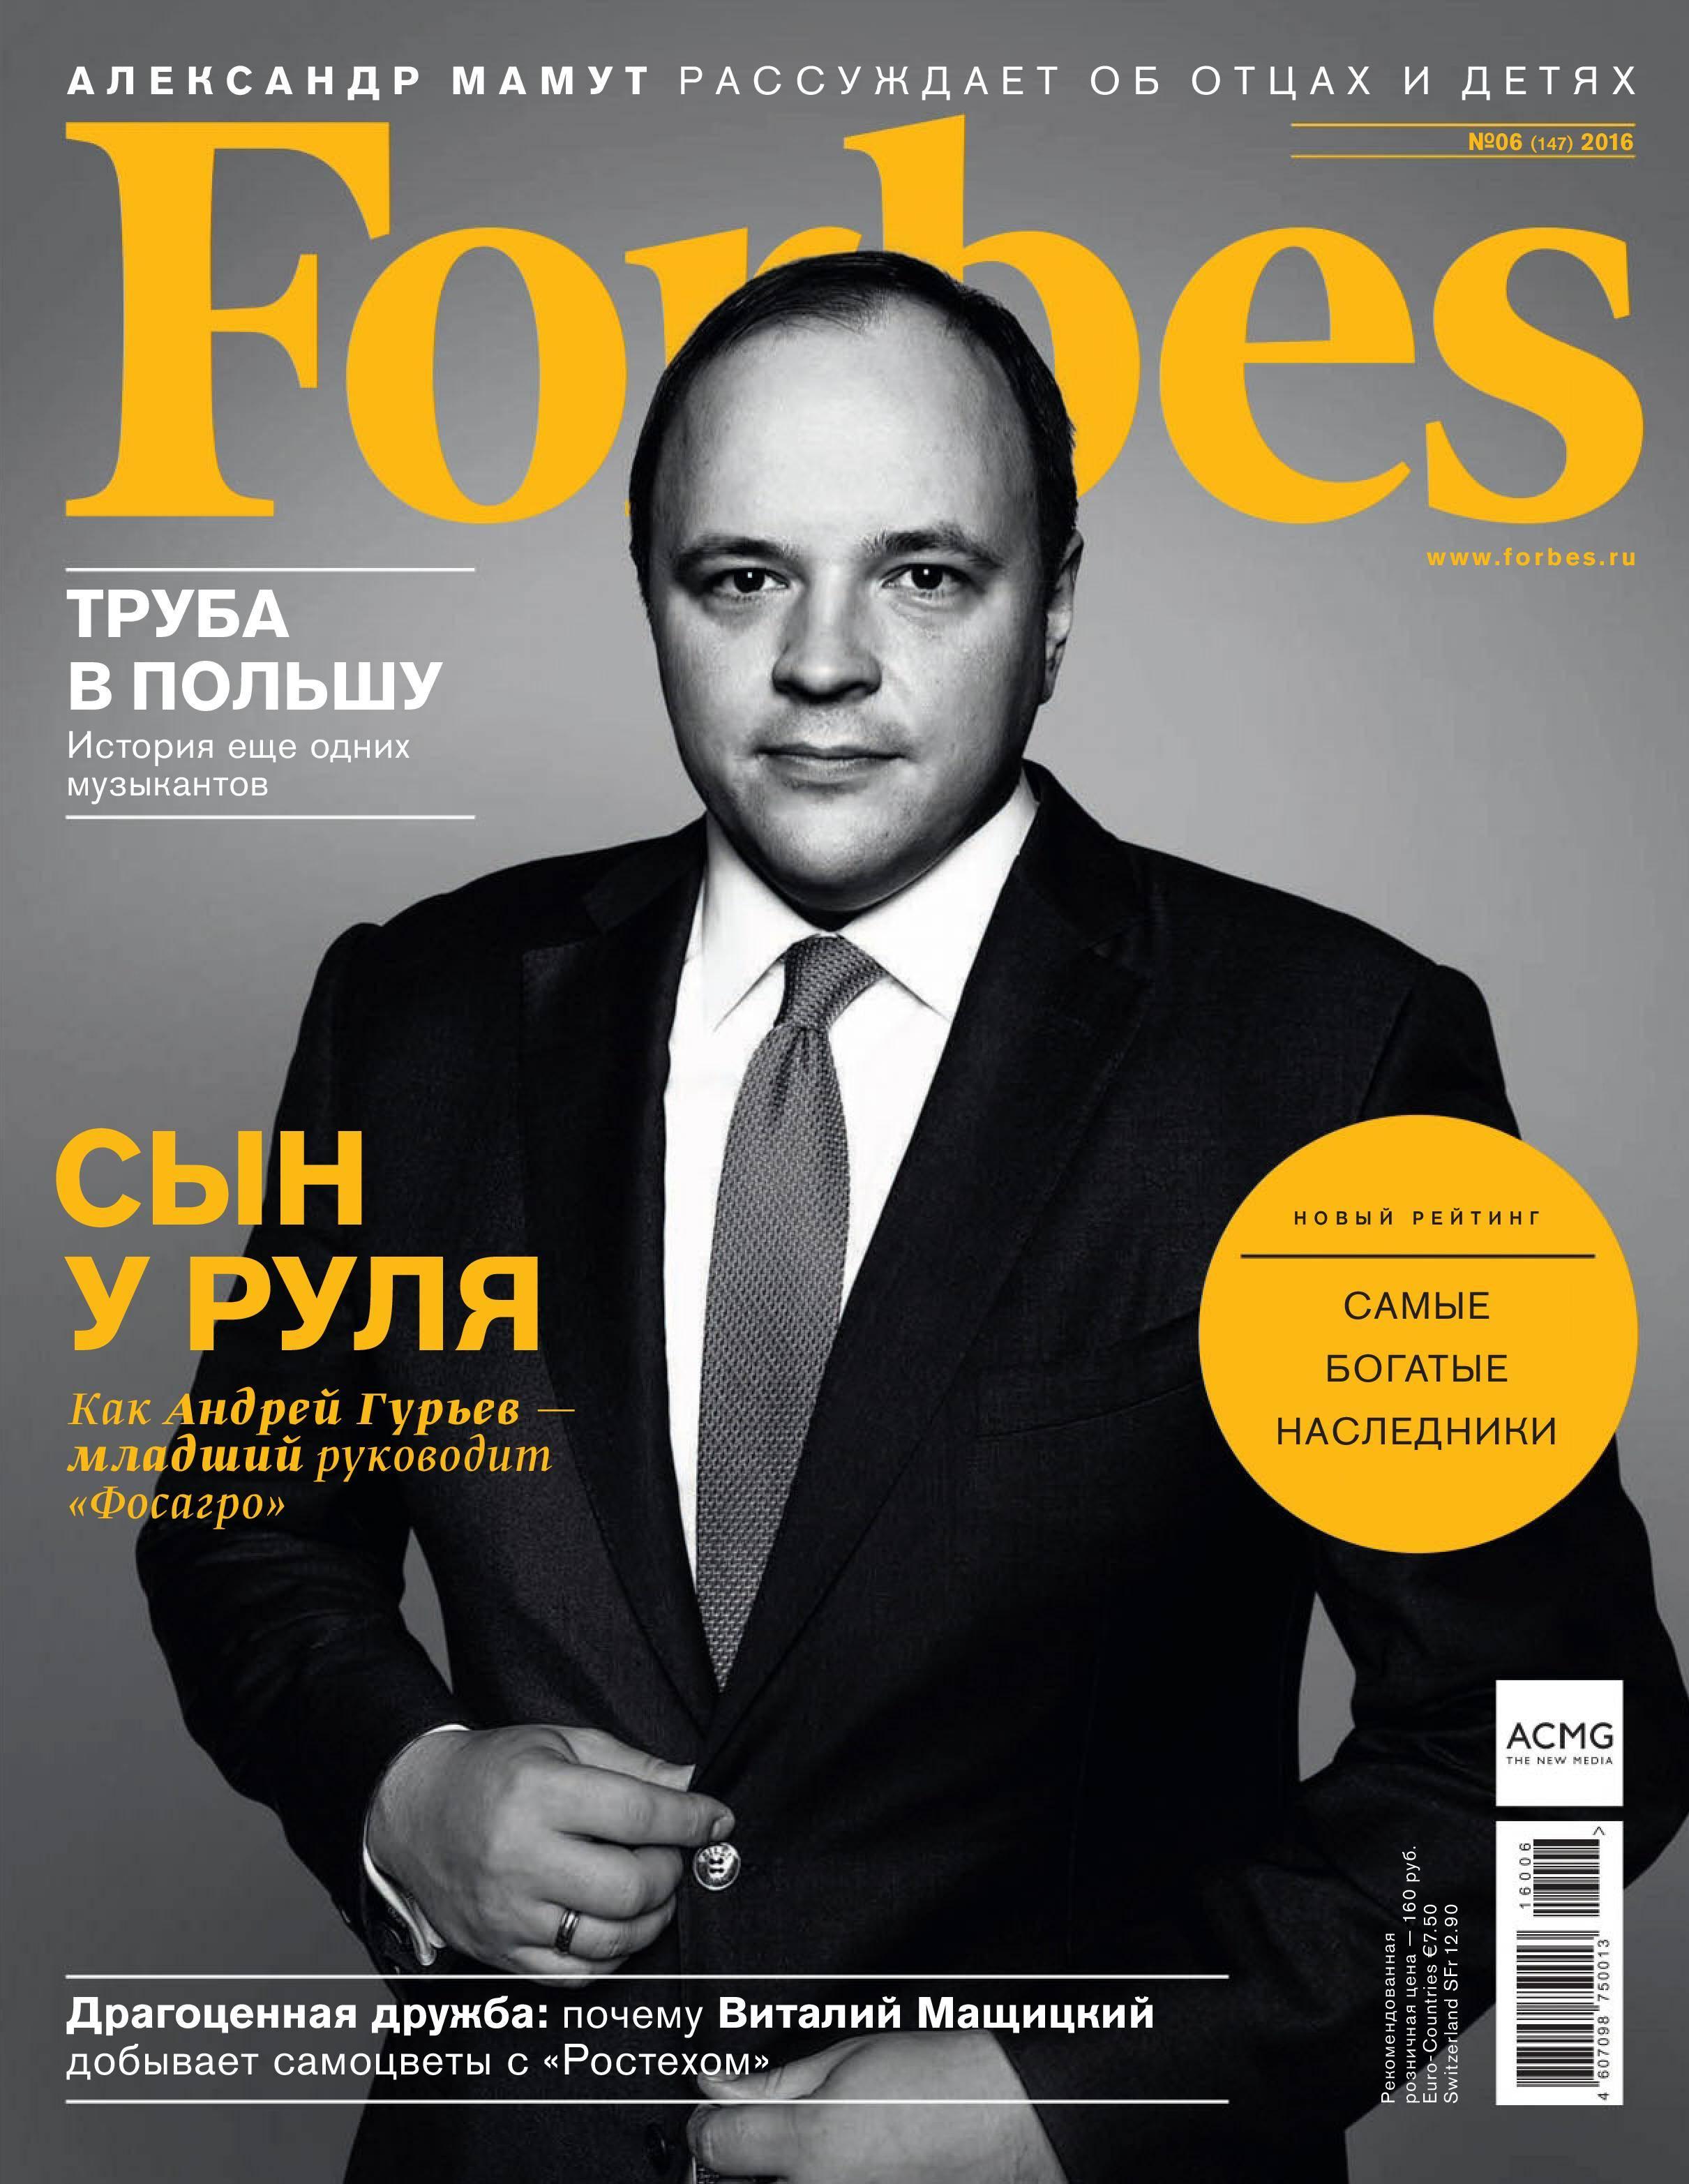 Журнал форбс с фото на обложке